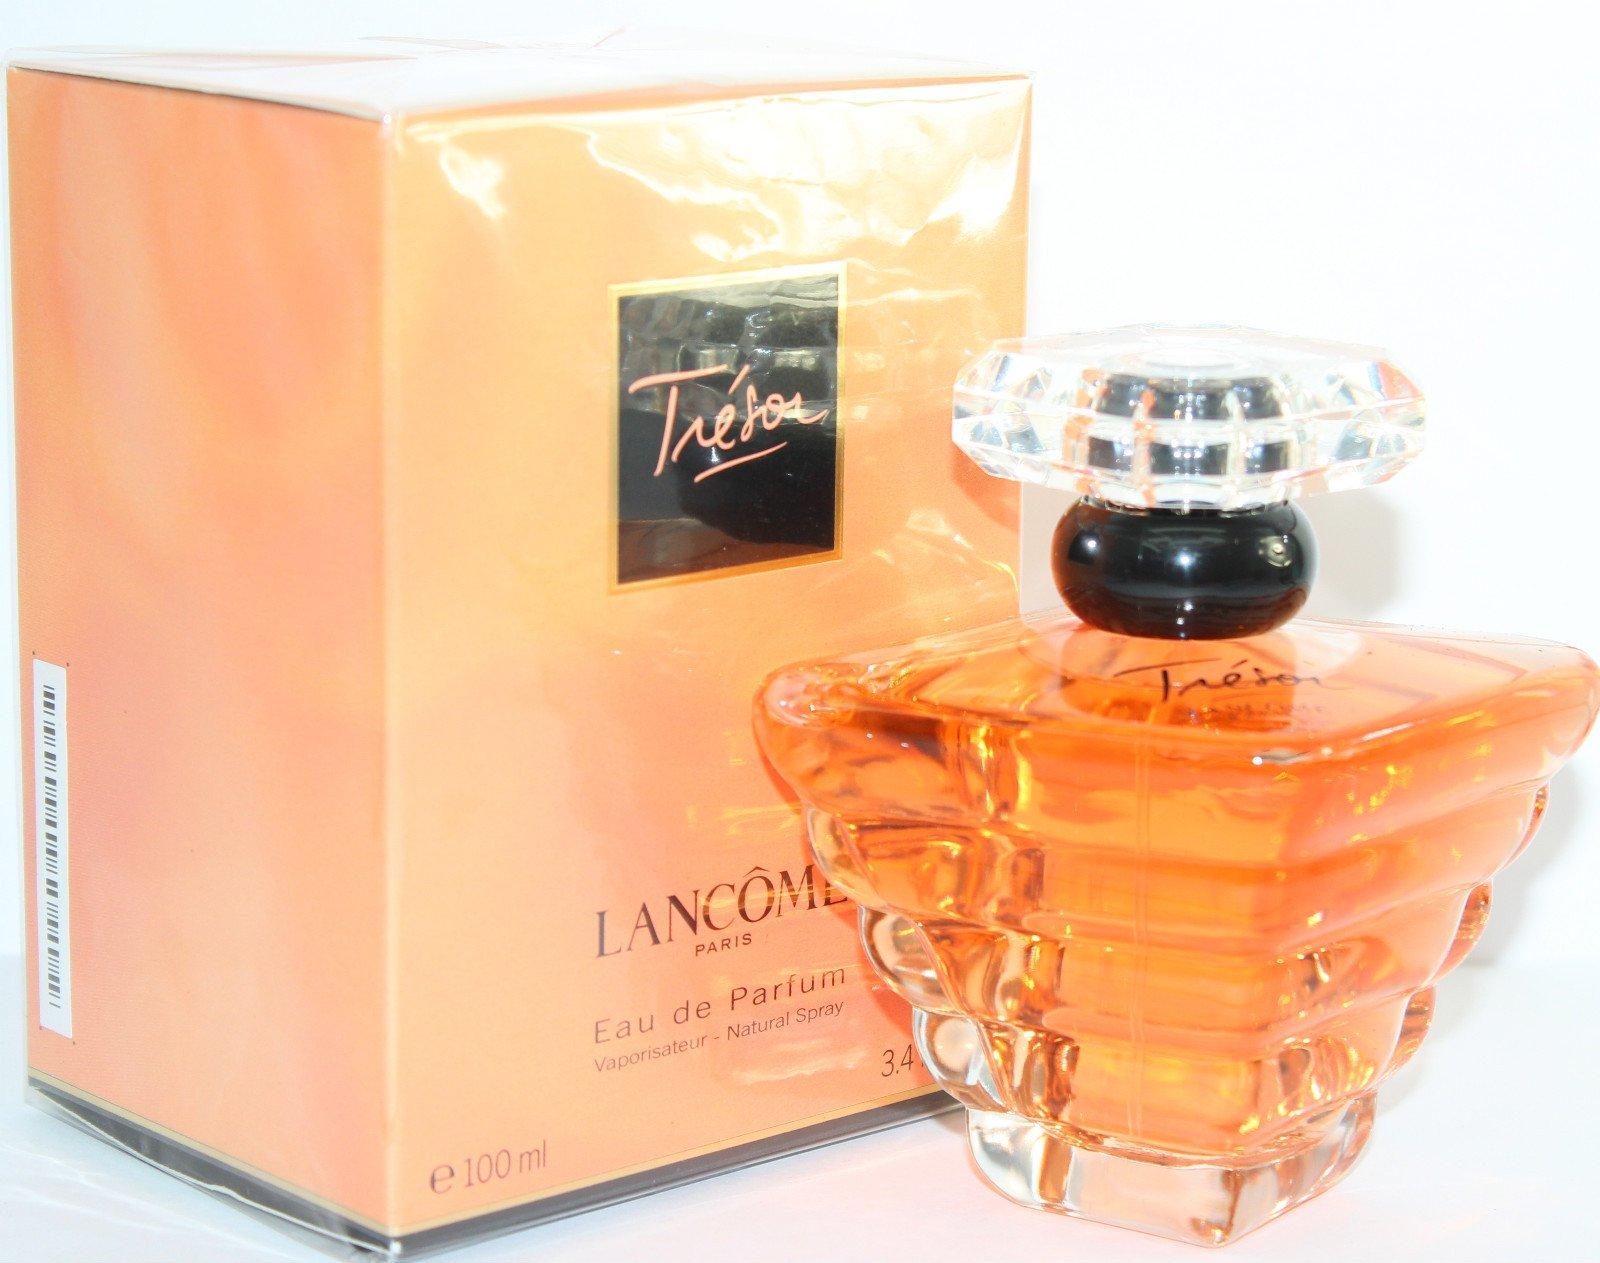 """Sản phẩm Lancome Tresor tạo nên """"làn sóng"""" mang tính bước ngoặt trong ngành nước hoa vào những năm 90 của thế kỷ 20"""